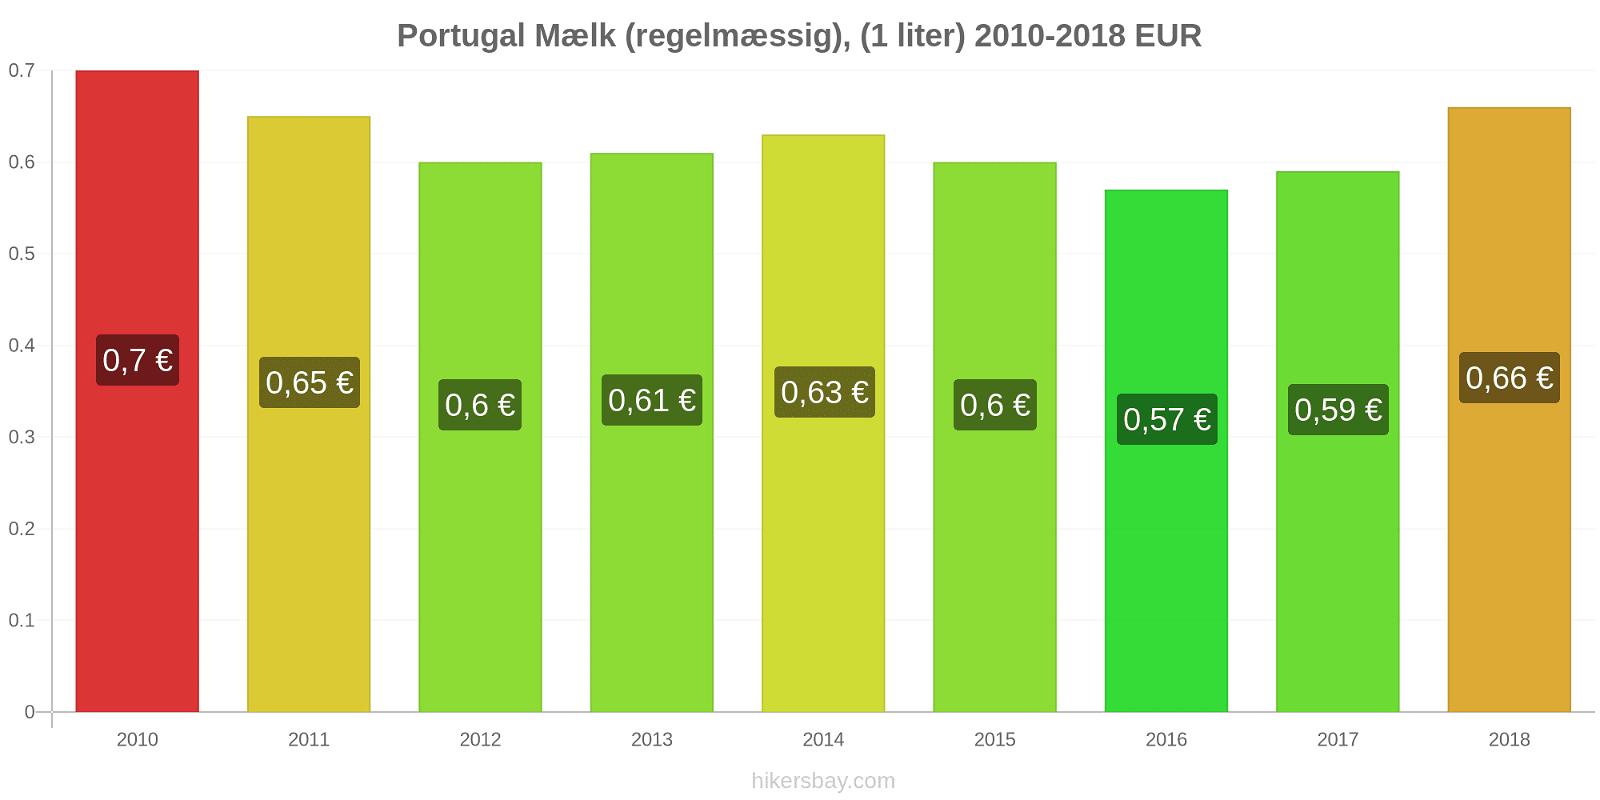 Portugal prisændringer Mælk (regelmæssig), (1 liter) hikersbay.com